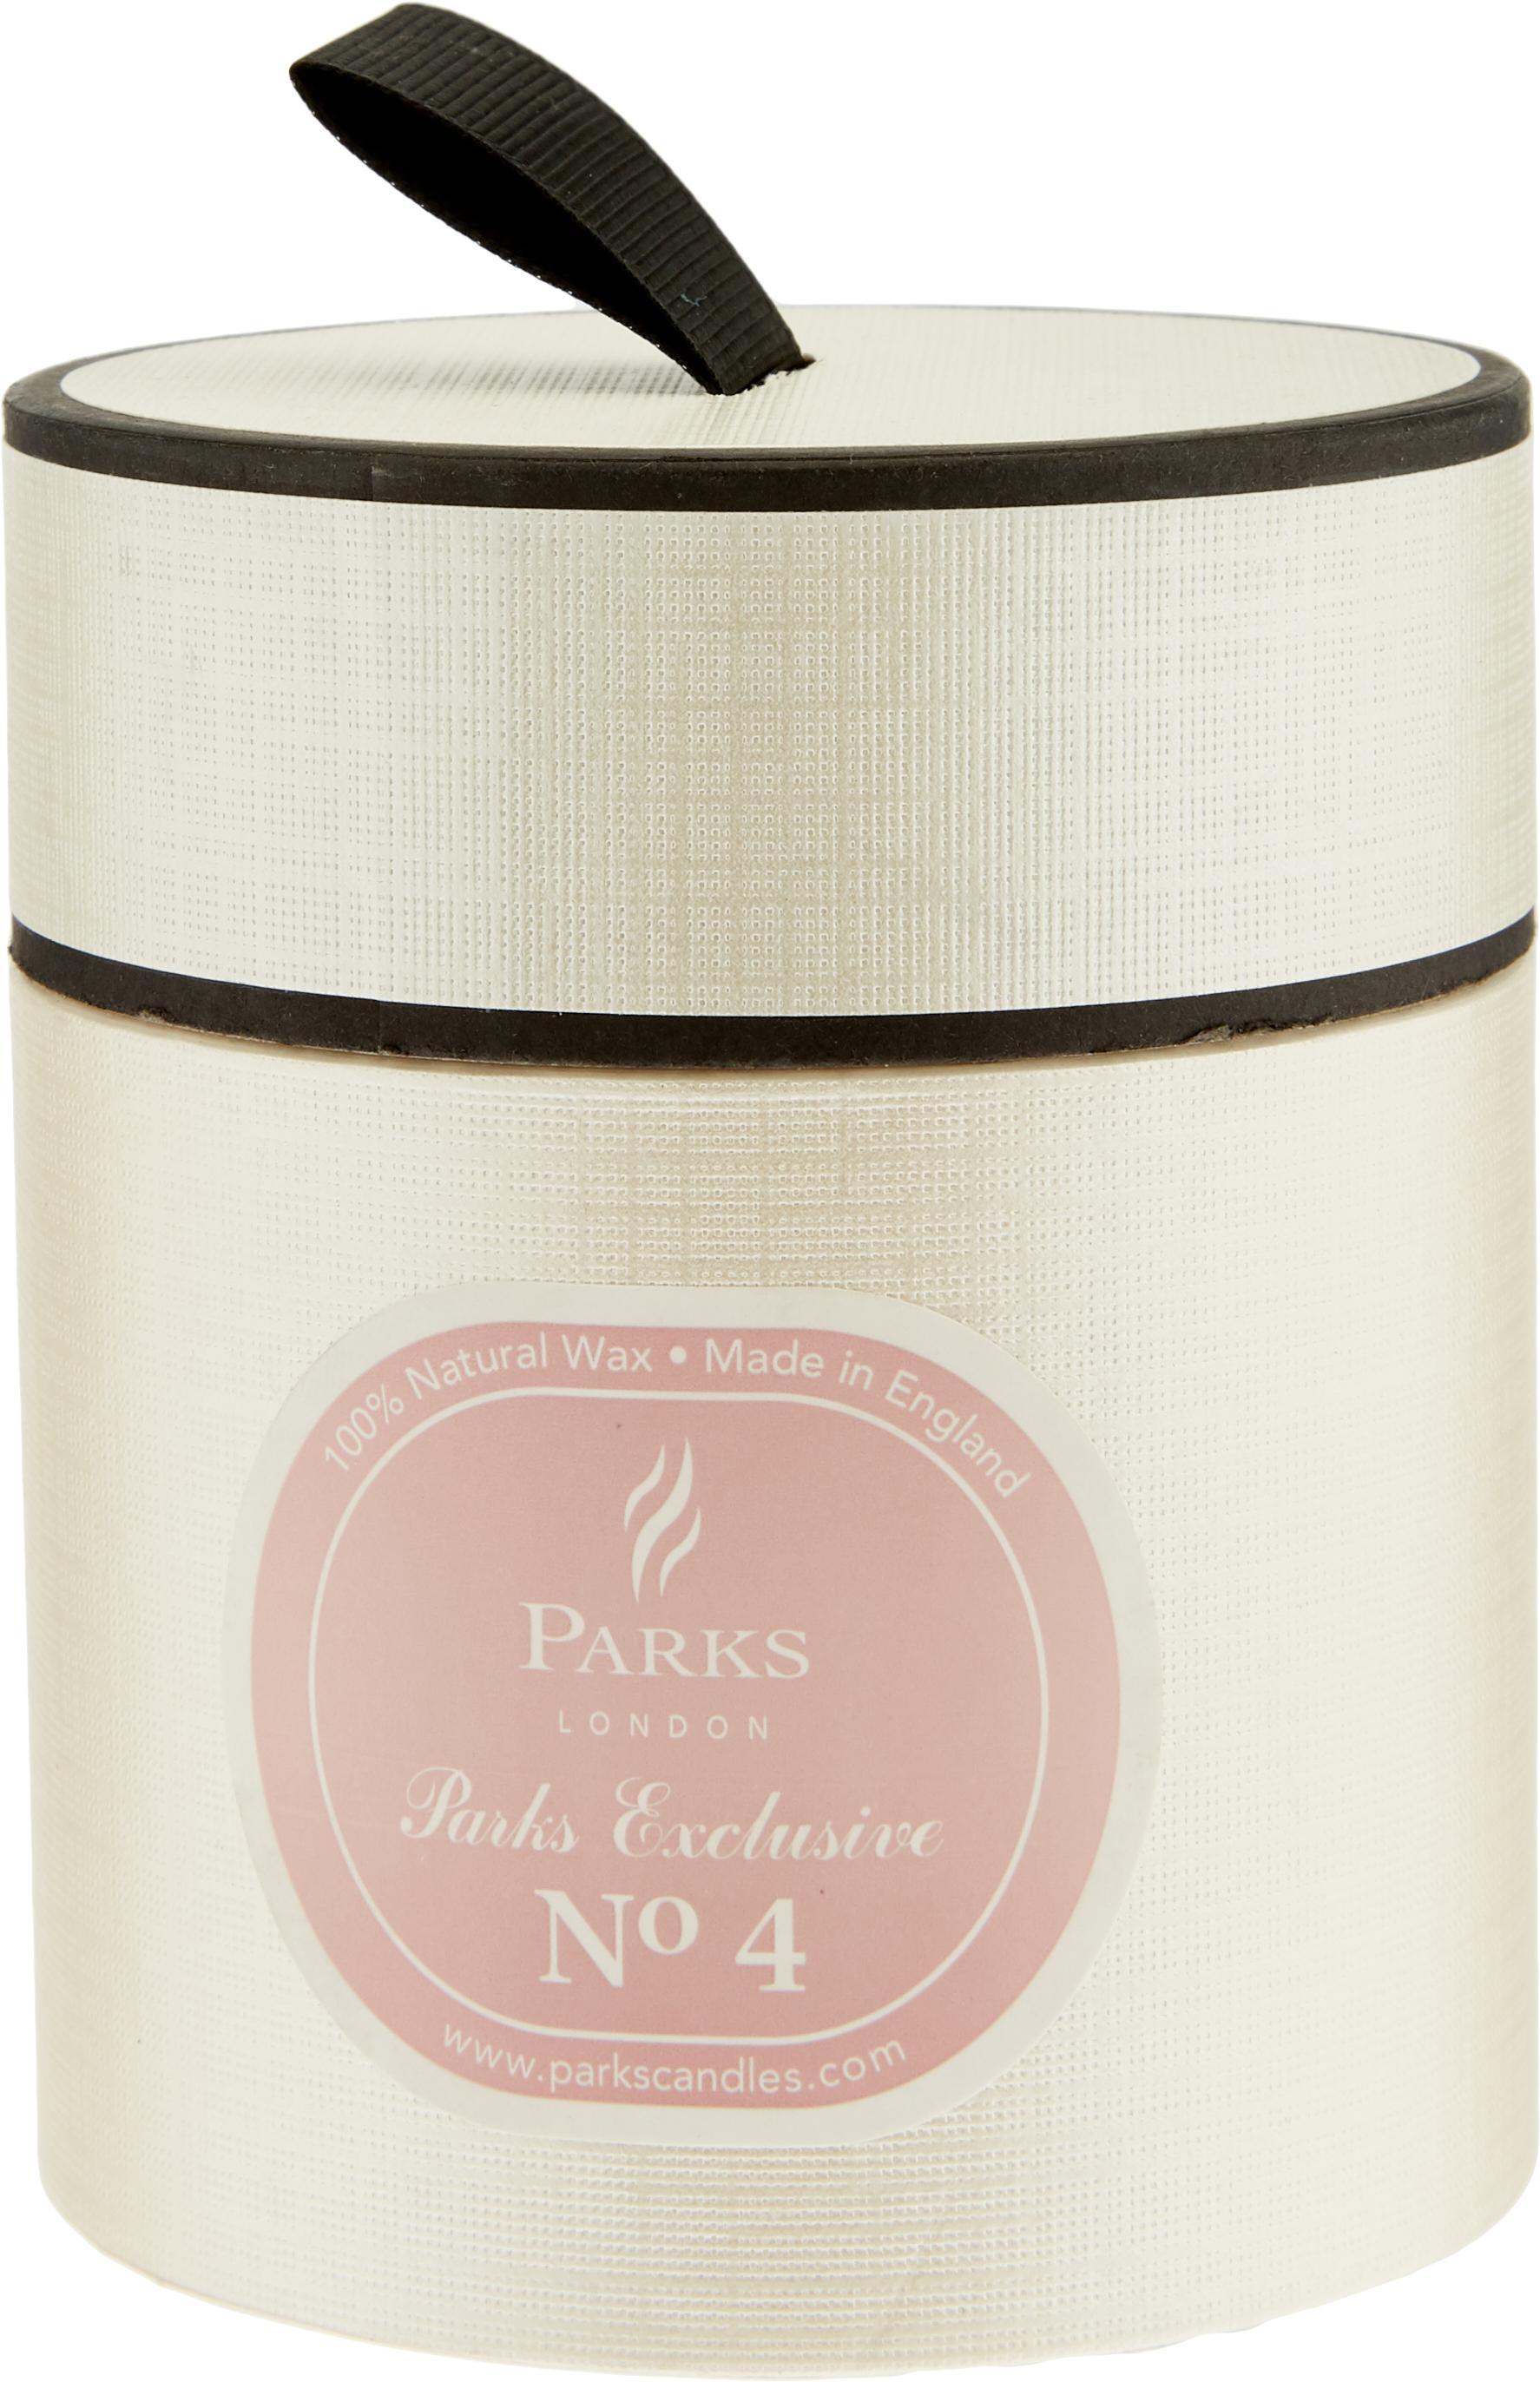 Duftkerze Exclusive No 4 (Passionsblume & Vanille), Behälter: Milchglas, Transparent, Weiß, Lachsfarben, Ø 8 x H 9 cm